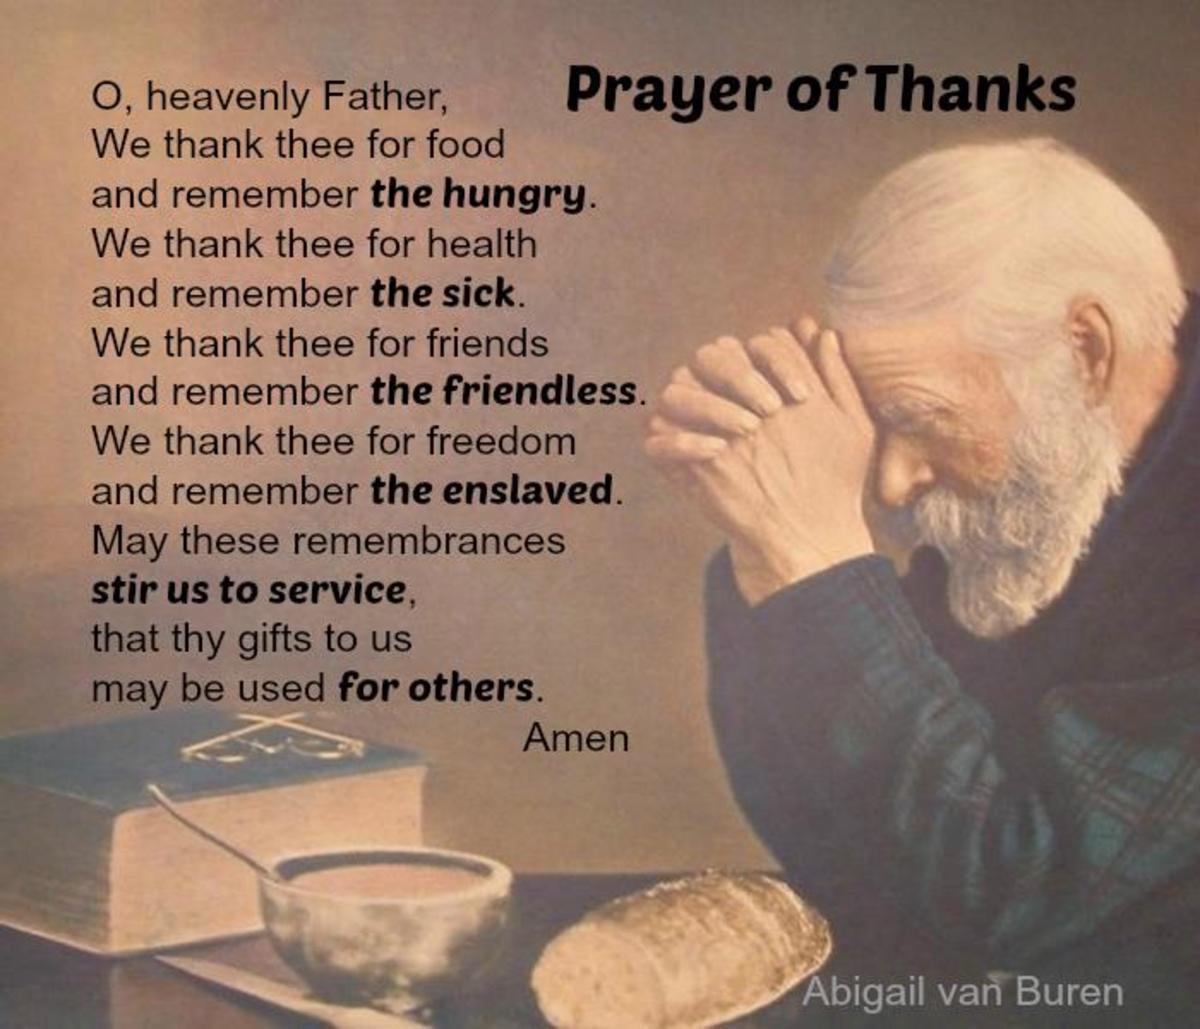 Prayer of Thanks by Abigail van Buren, the original Dear Abby